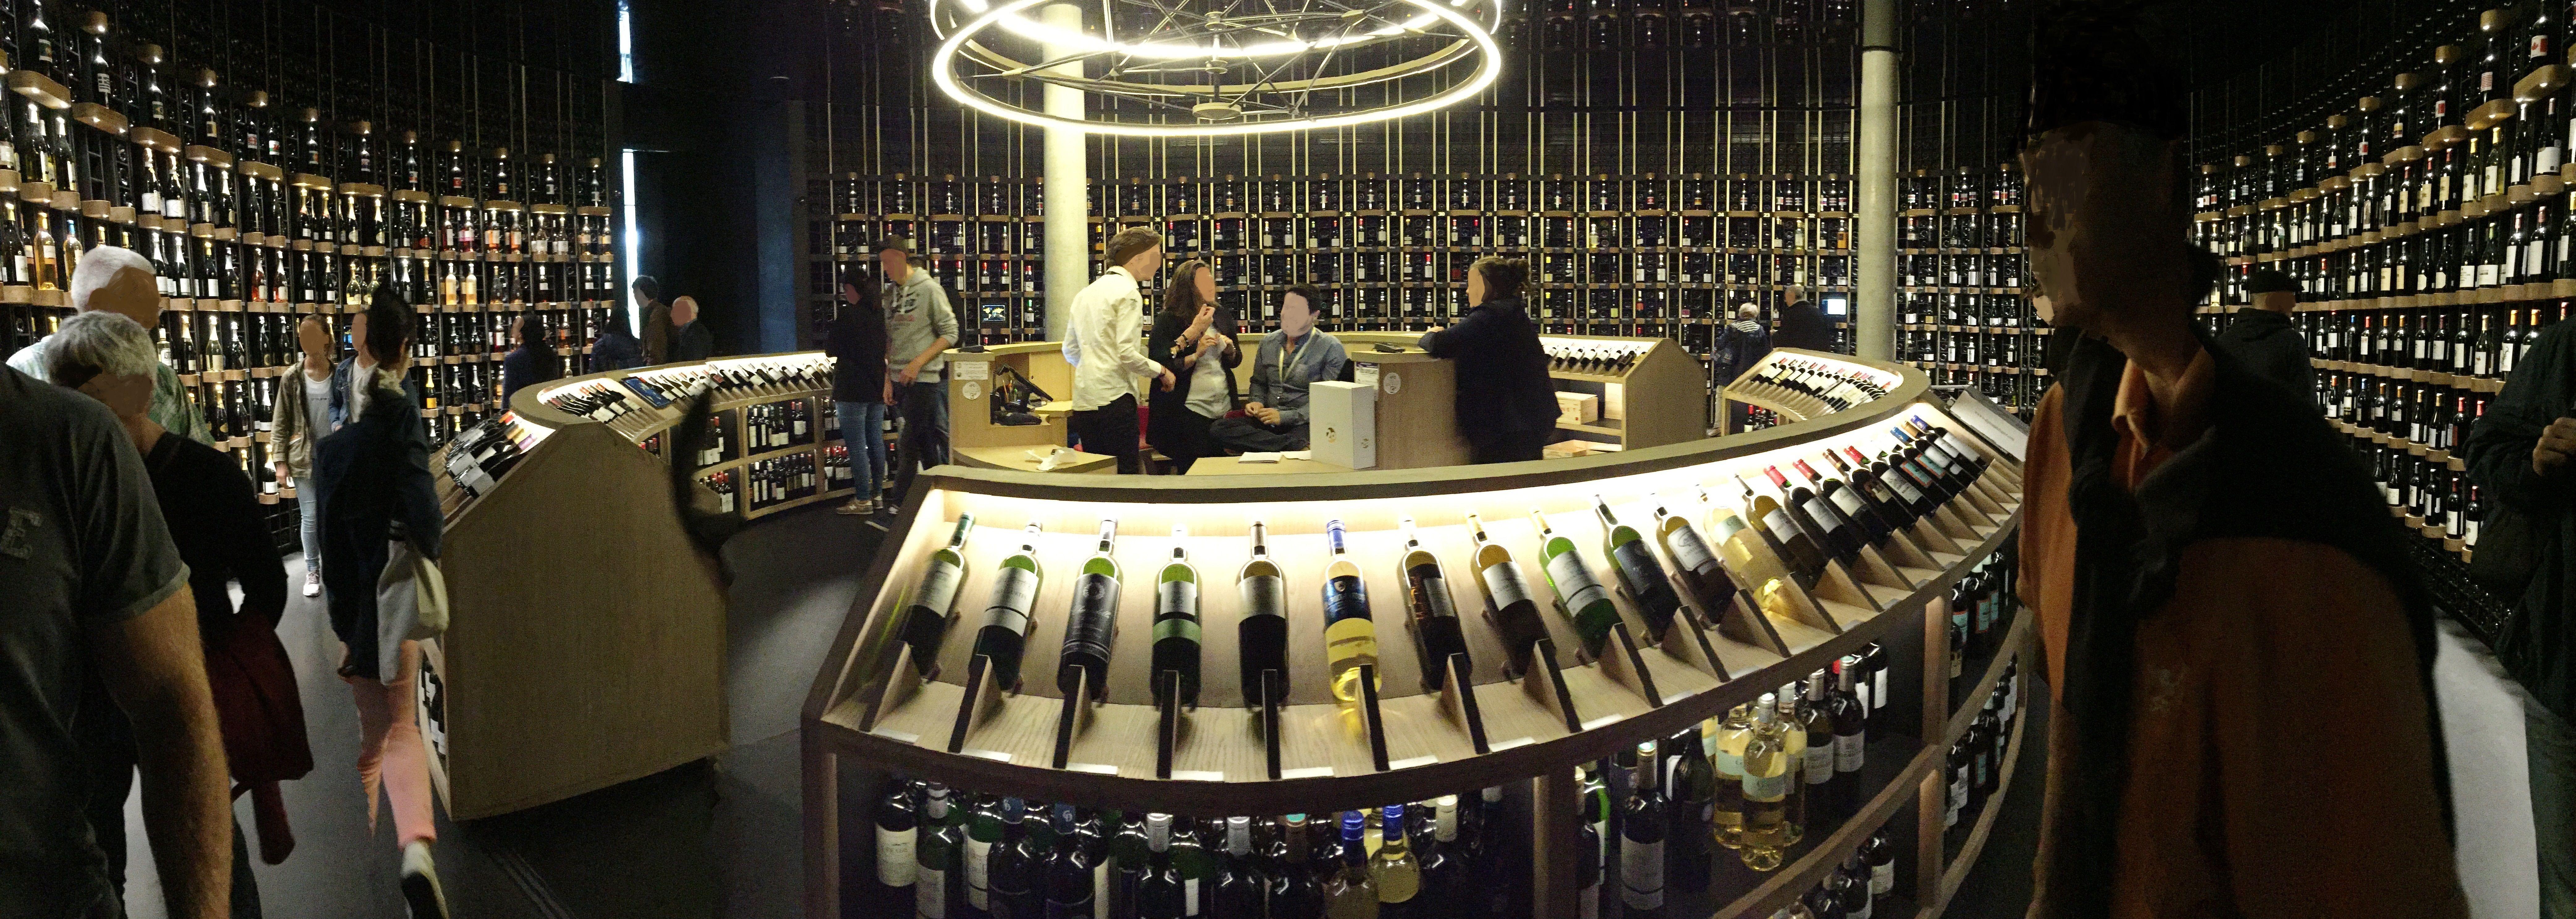 Cave de la Cite du Vin a Bordeaux - Center of Wine and Civilizations ...